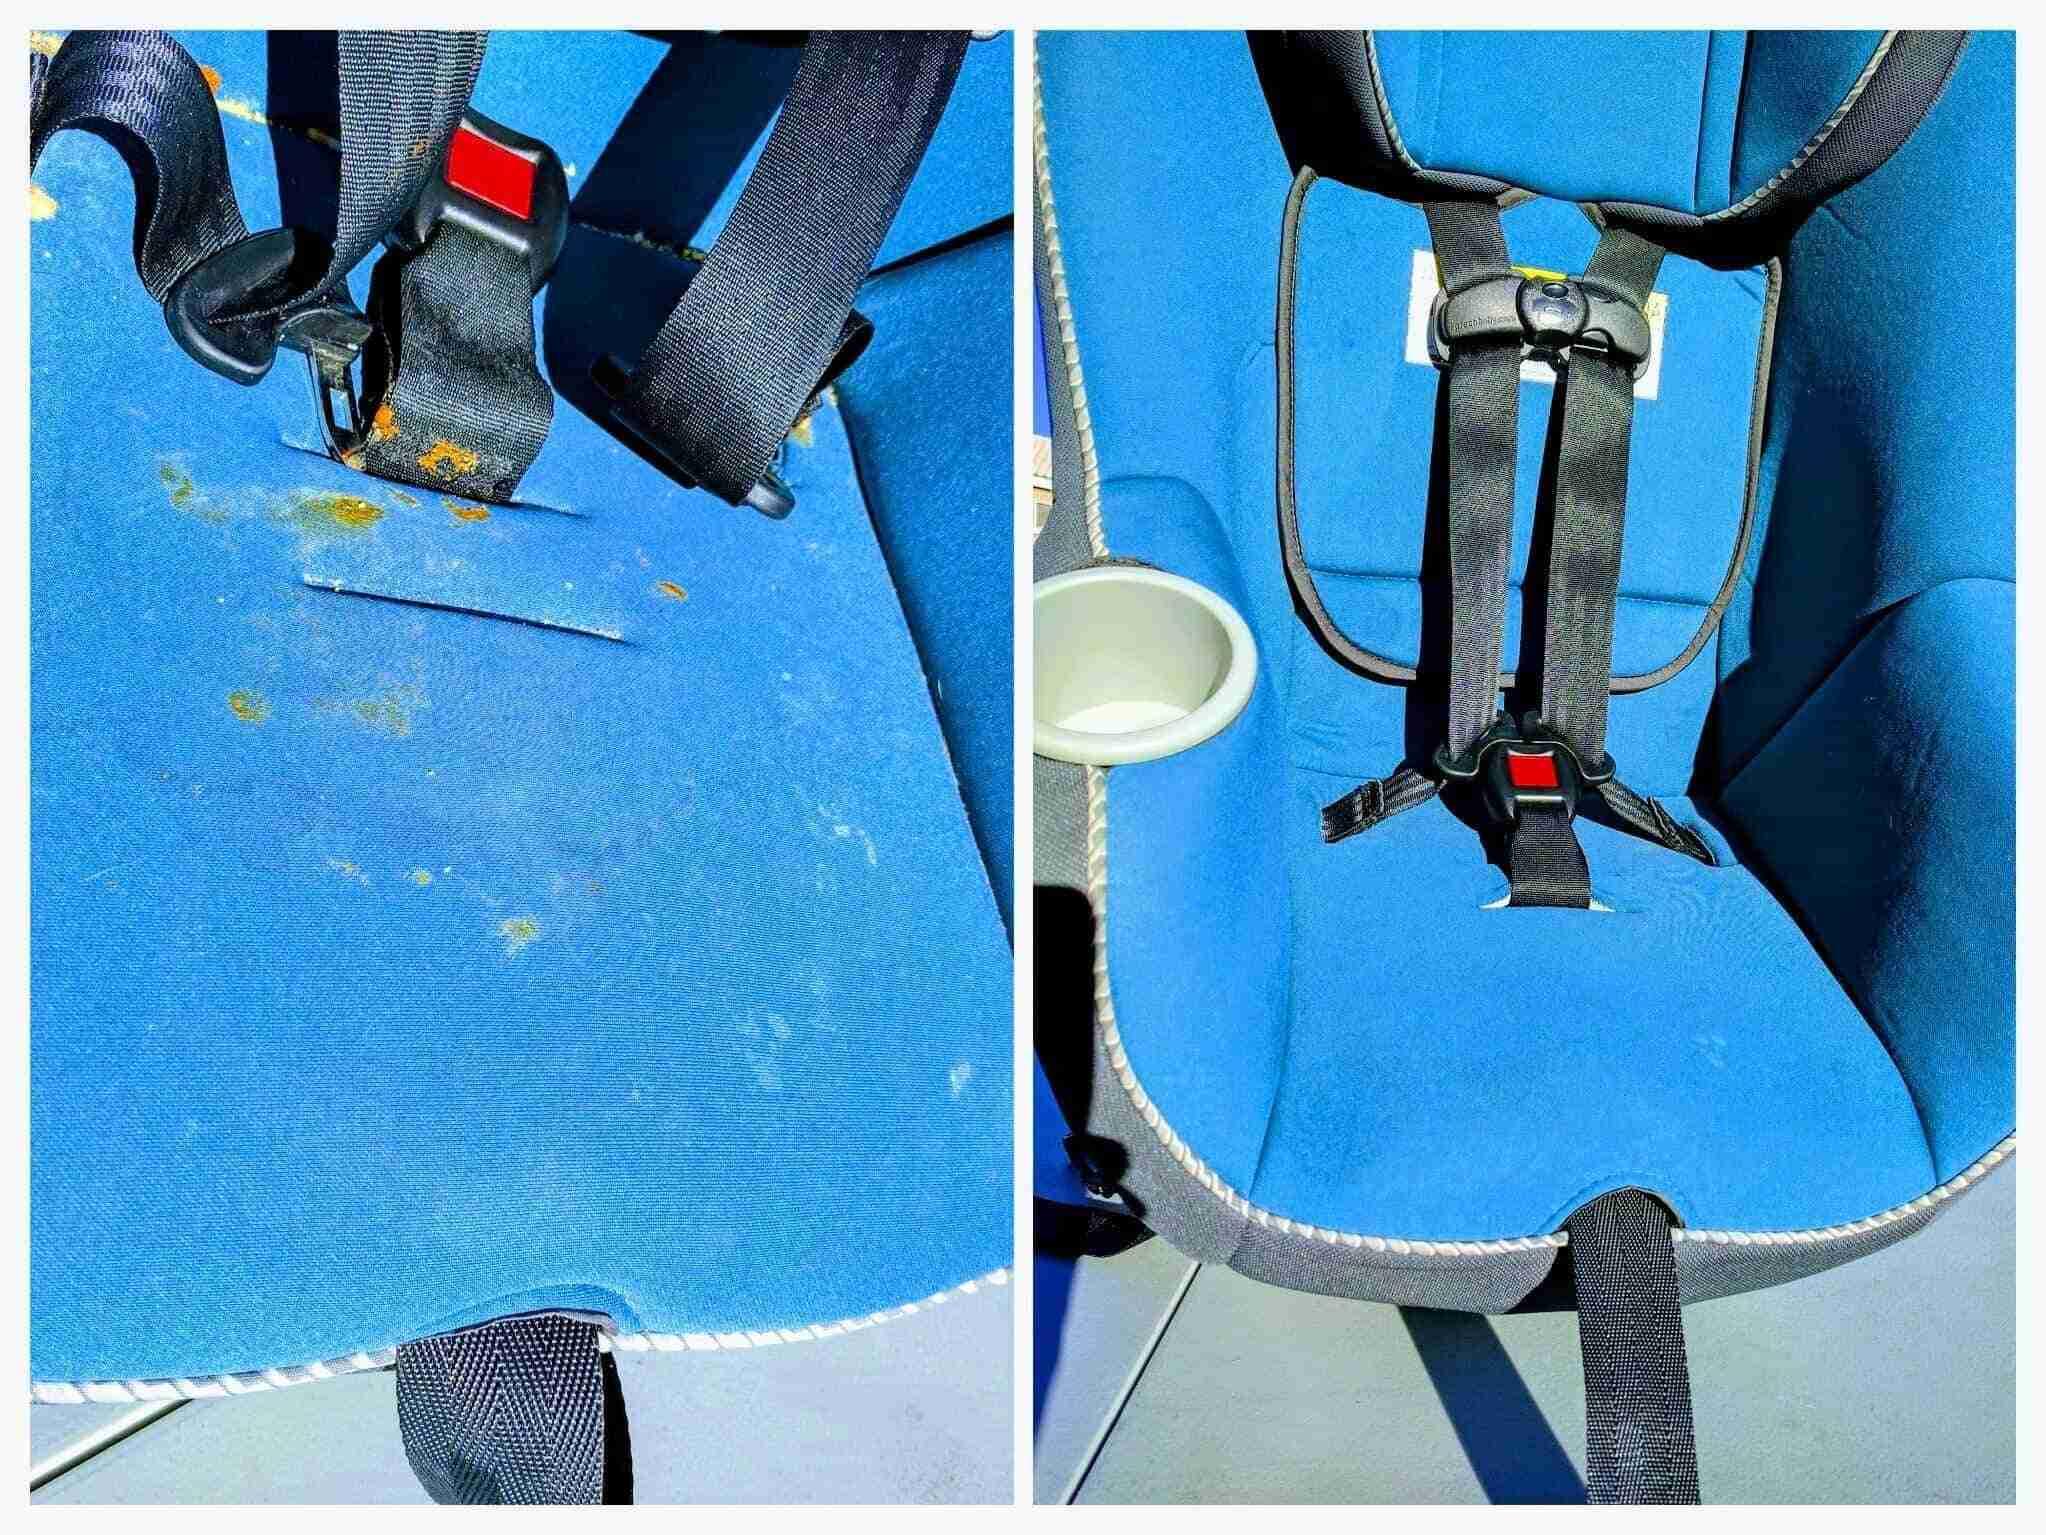 baby car seat cleaning las vegas